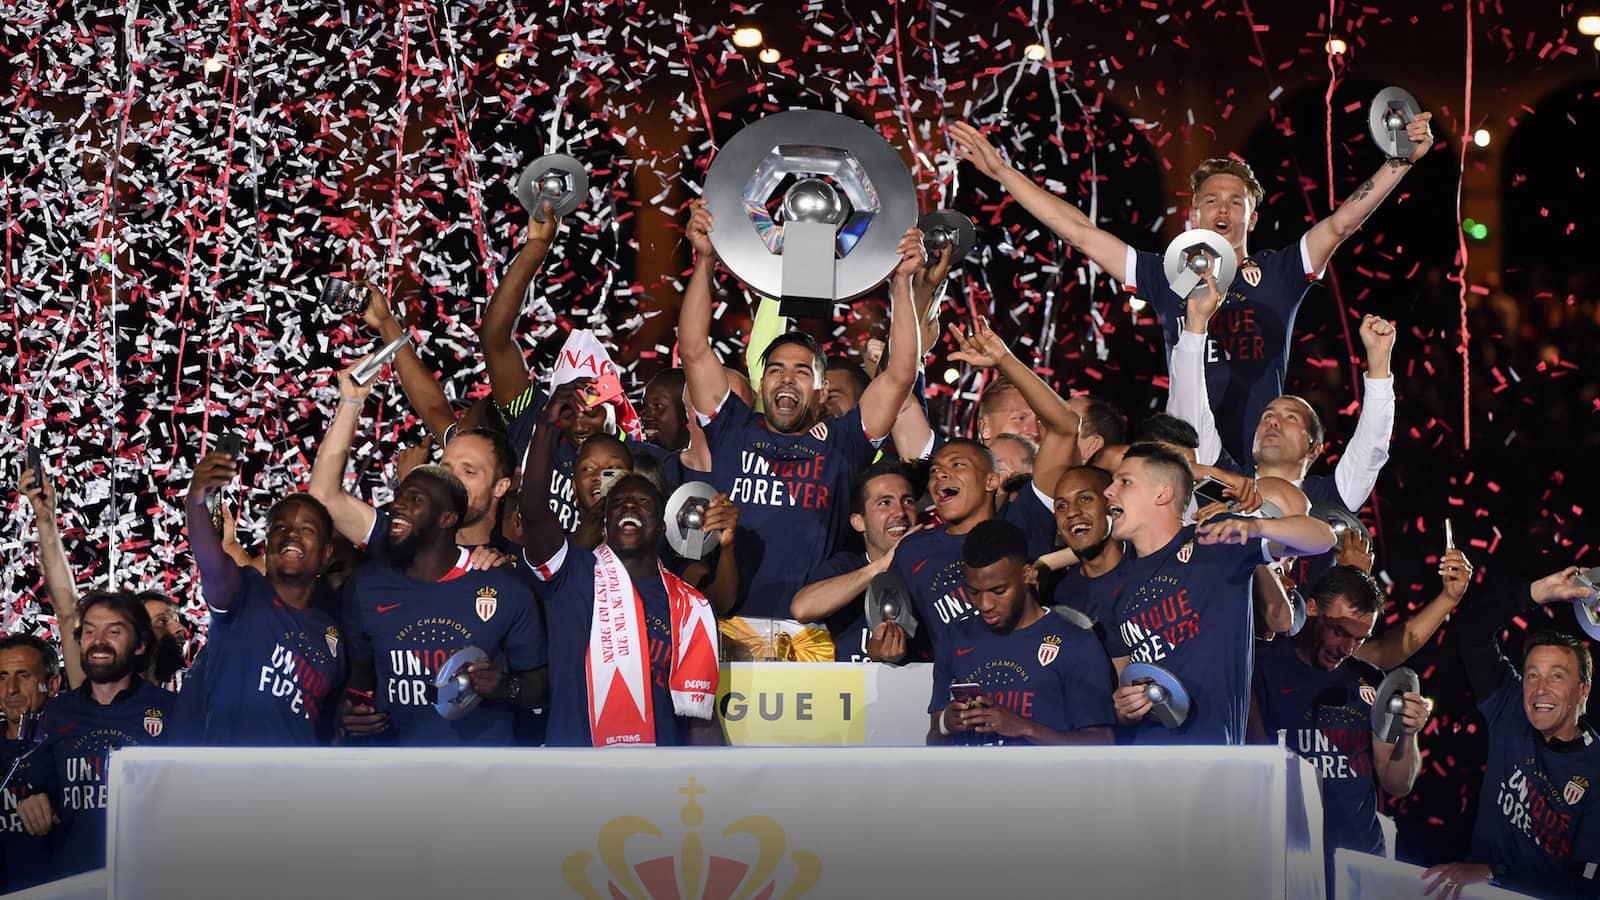 premium selection c59ce 7ef08 Ligue 1, Fodbold - live streaming på Viaplay.dk